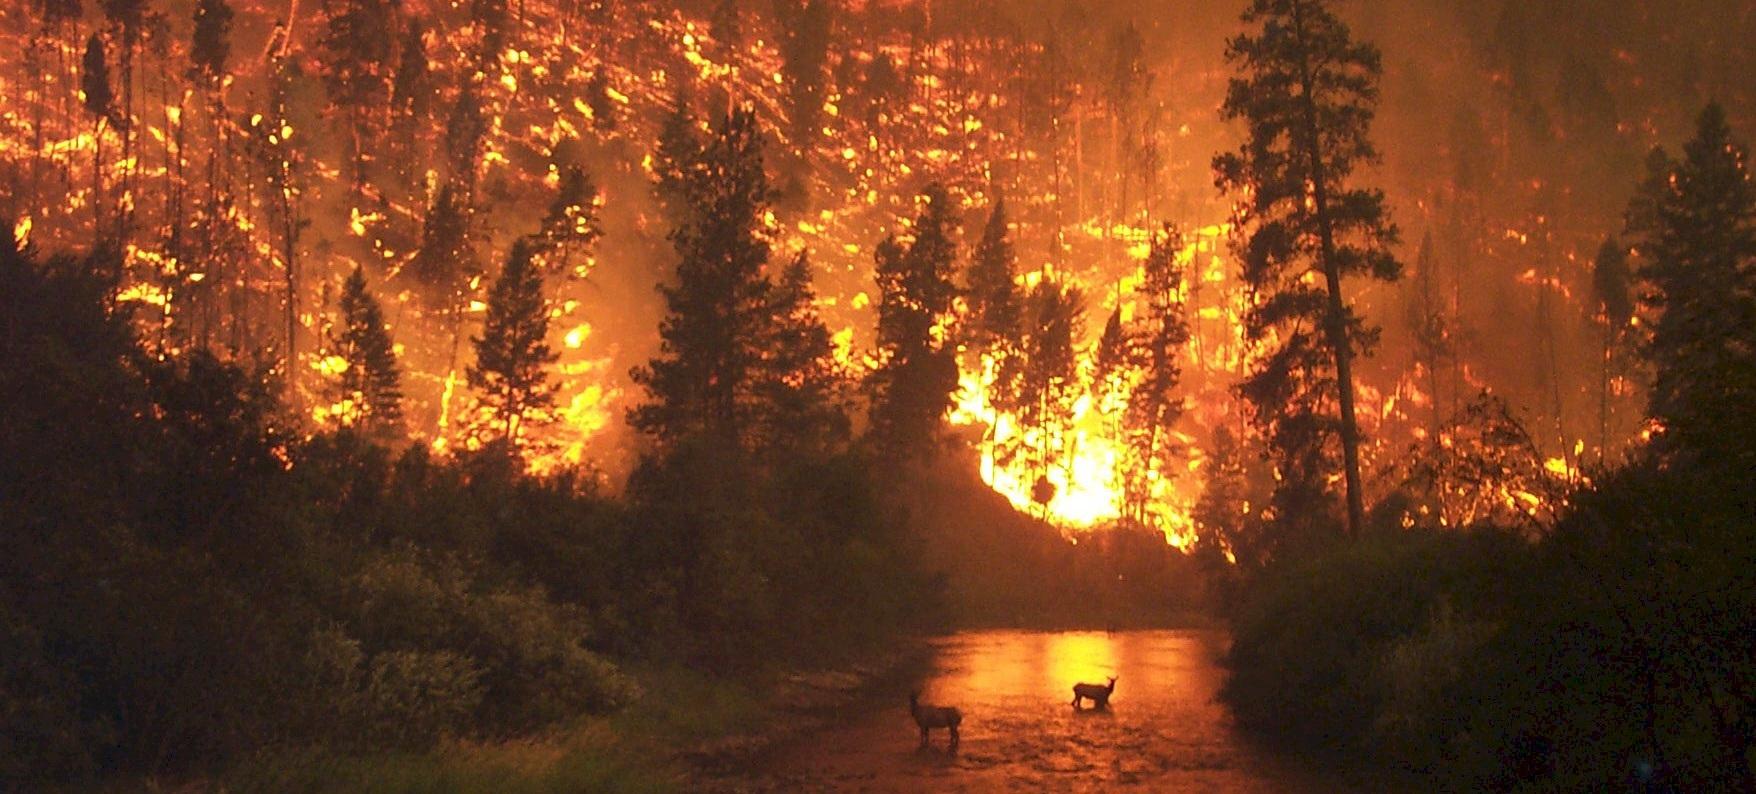 espana en llamas un pais en la ruina tambien ecologica